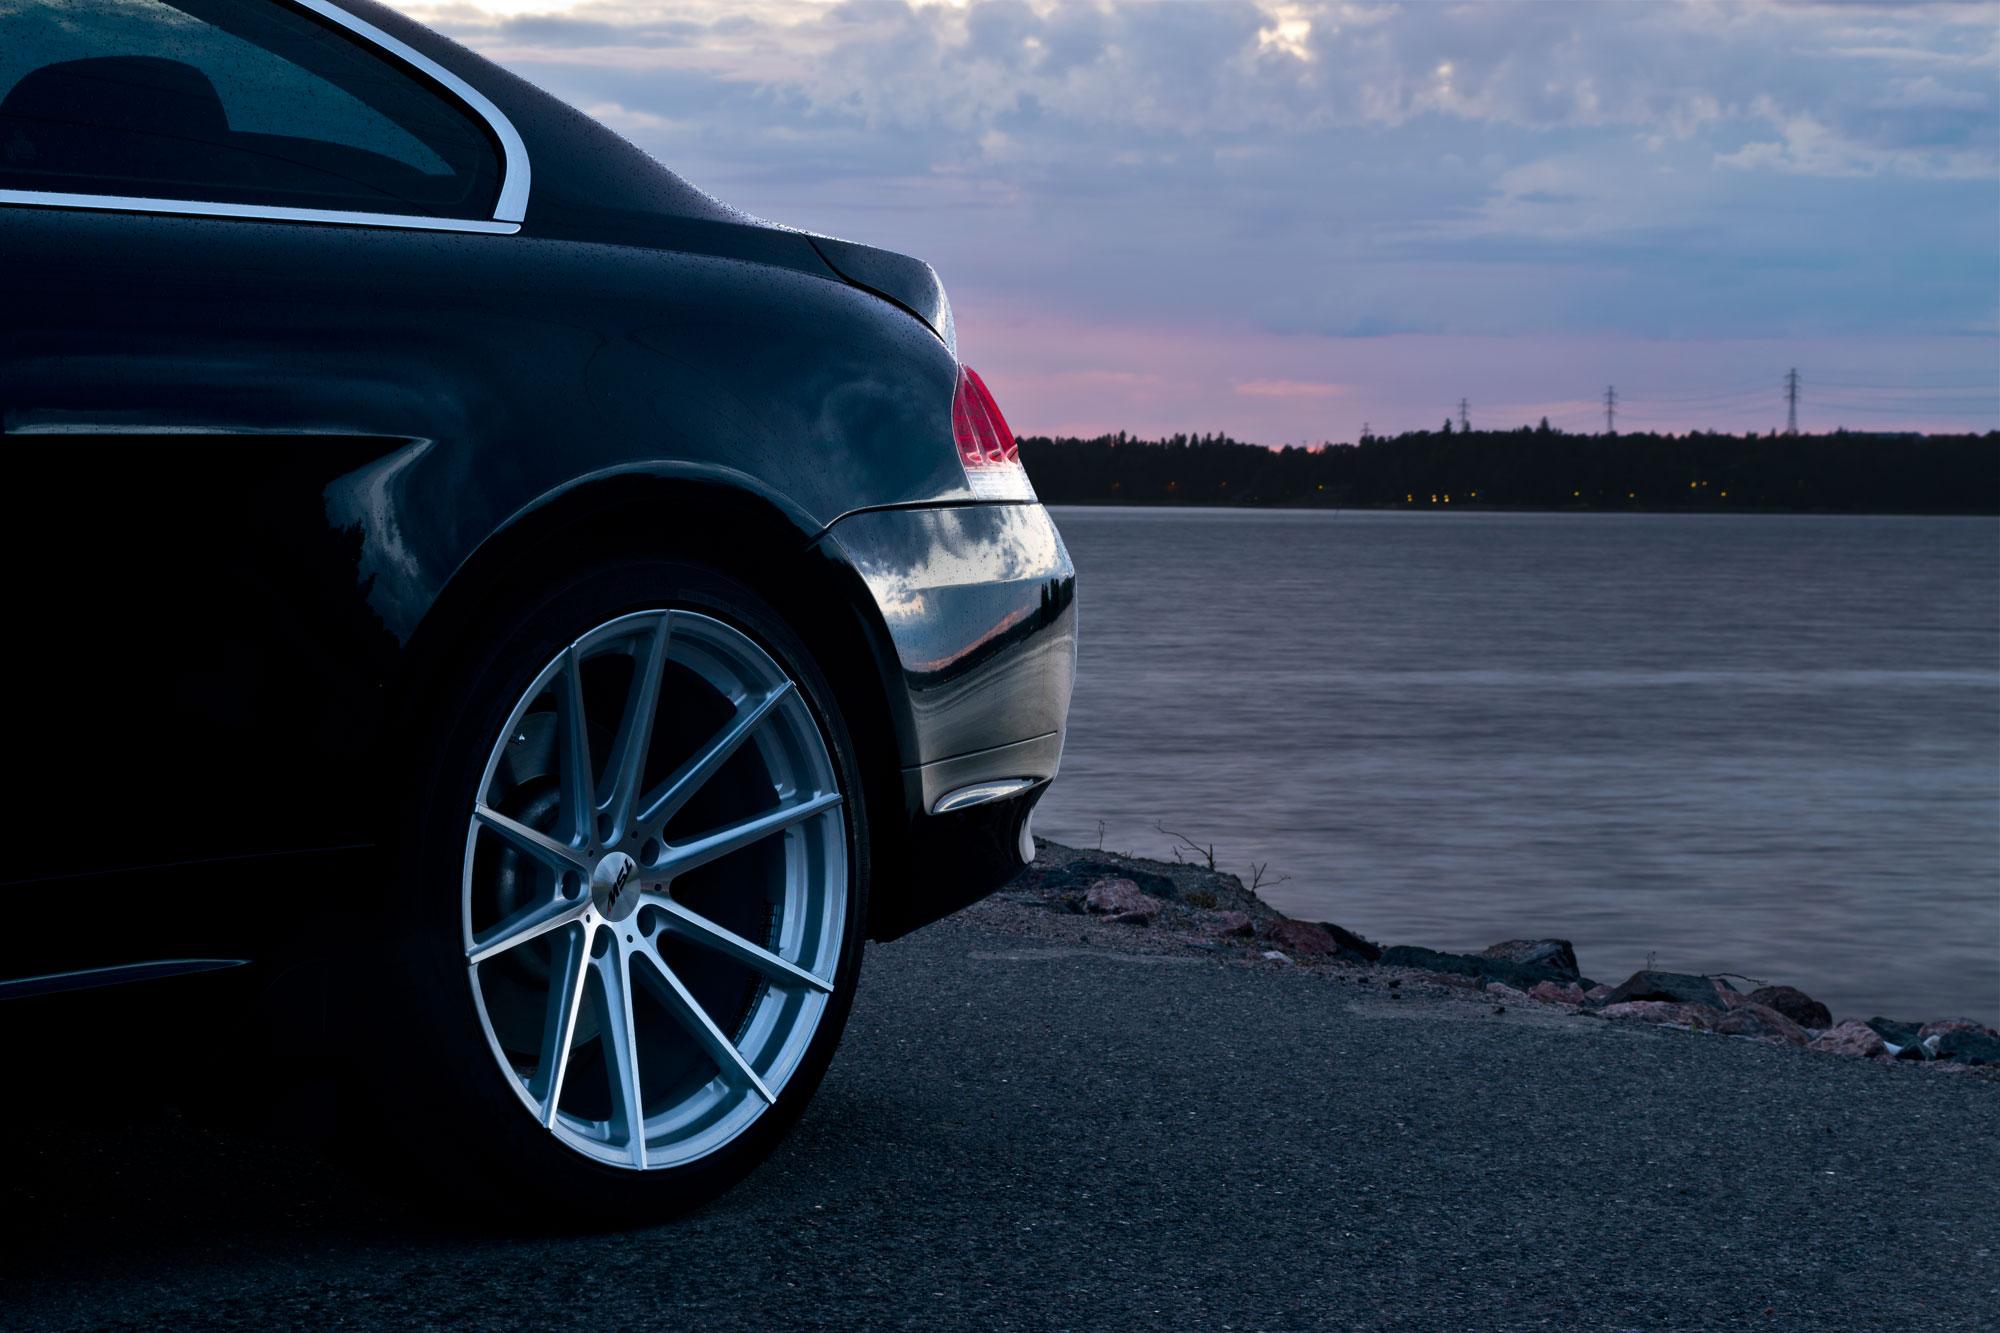 BMW 645 - TSW Bathurst wheels from Autotek - Screw Them All blog